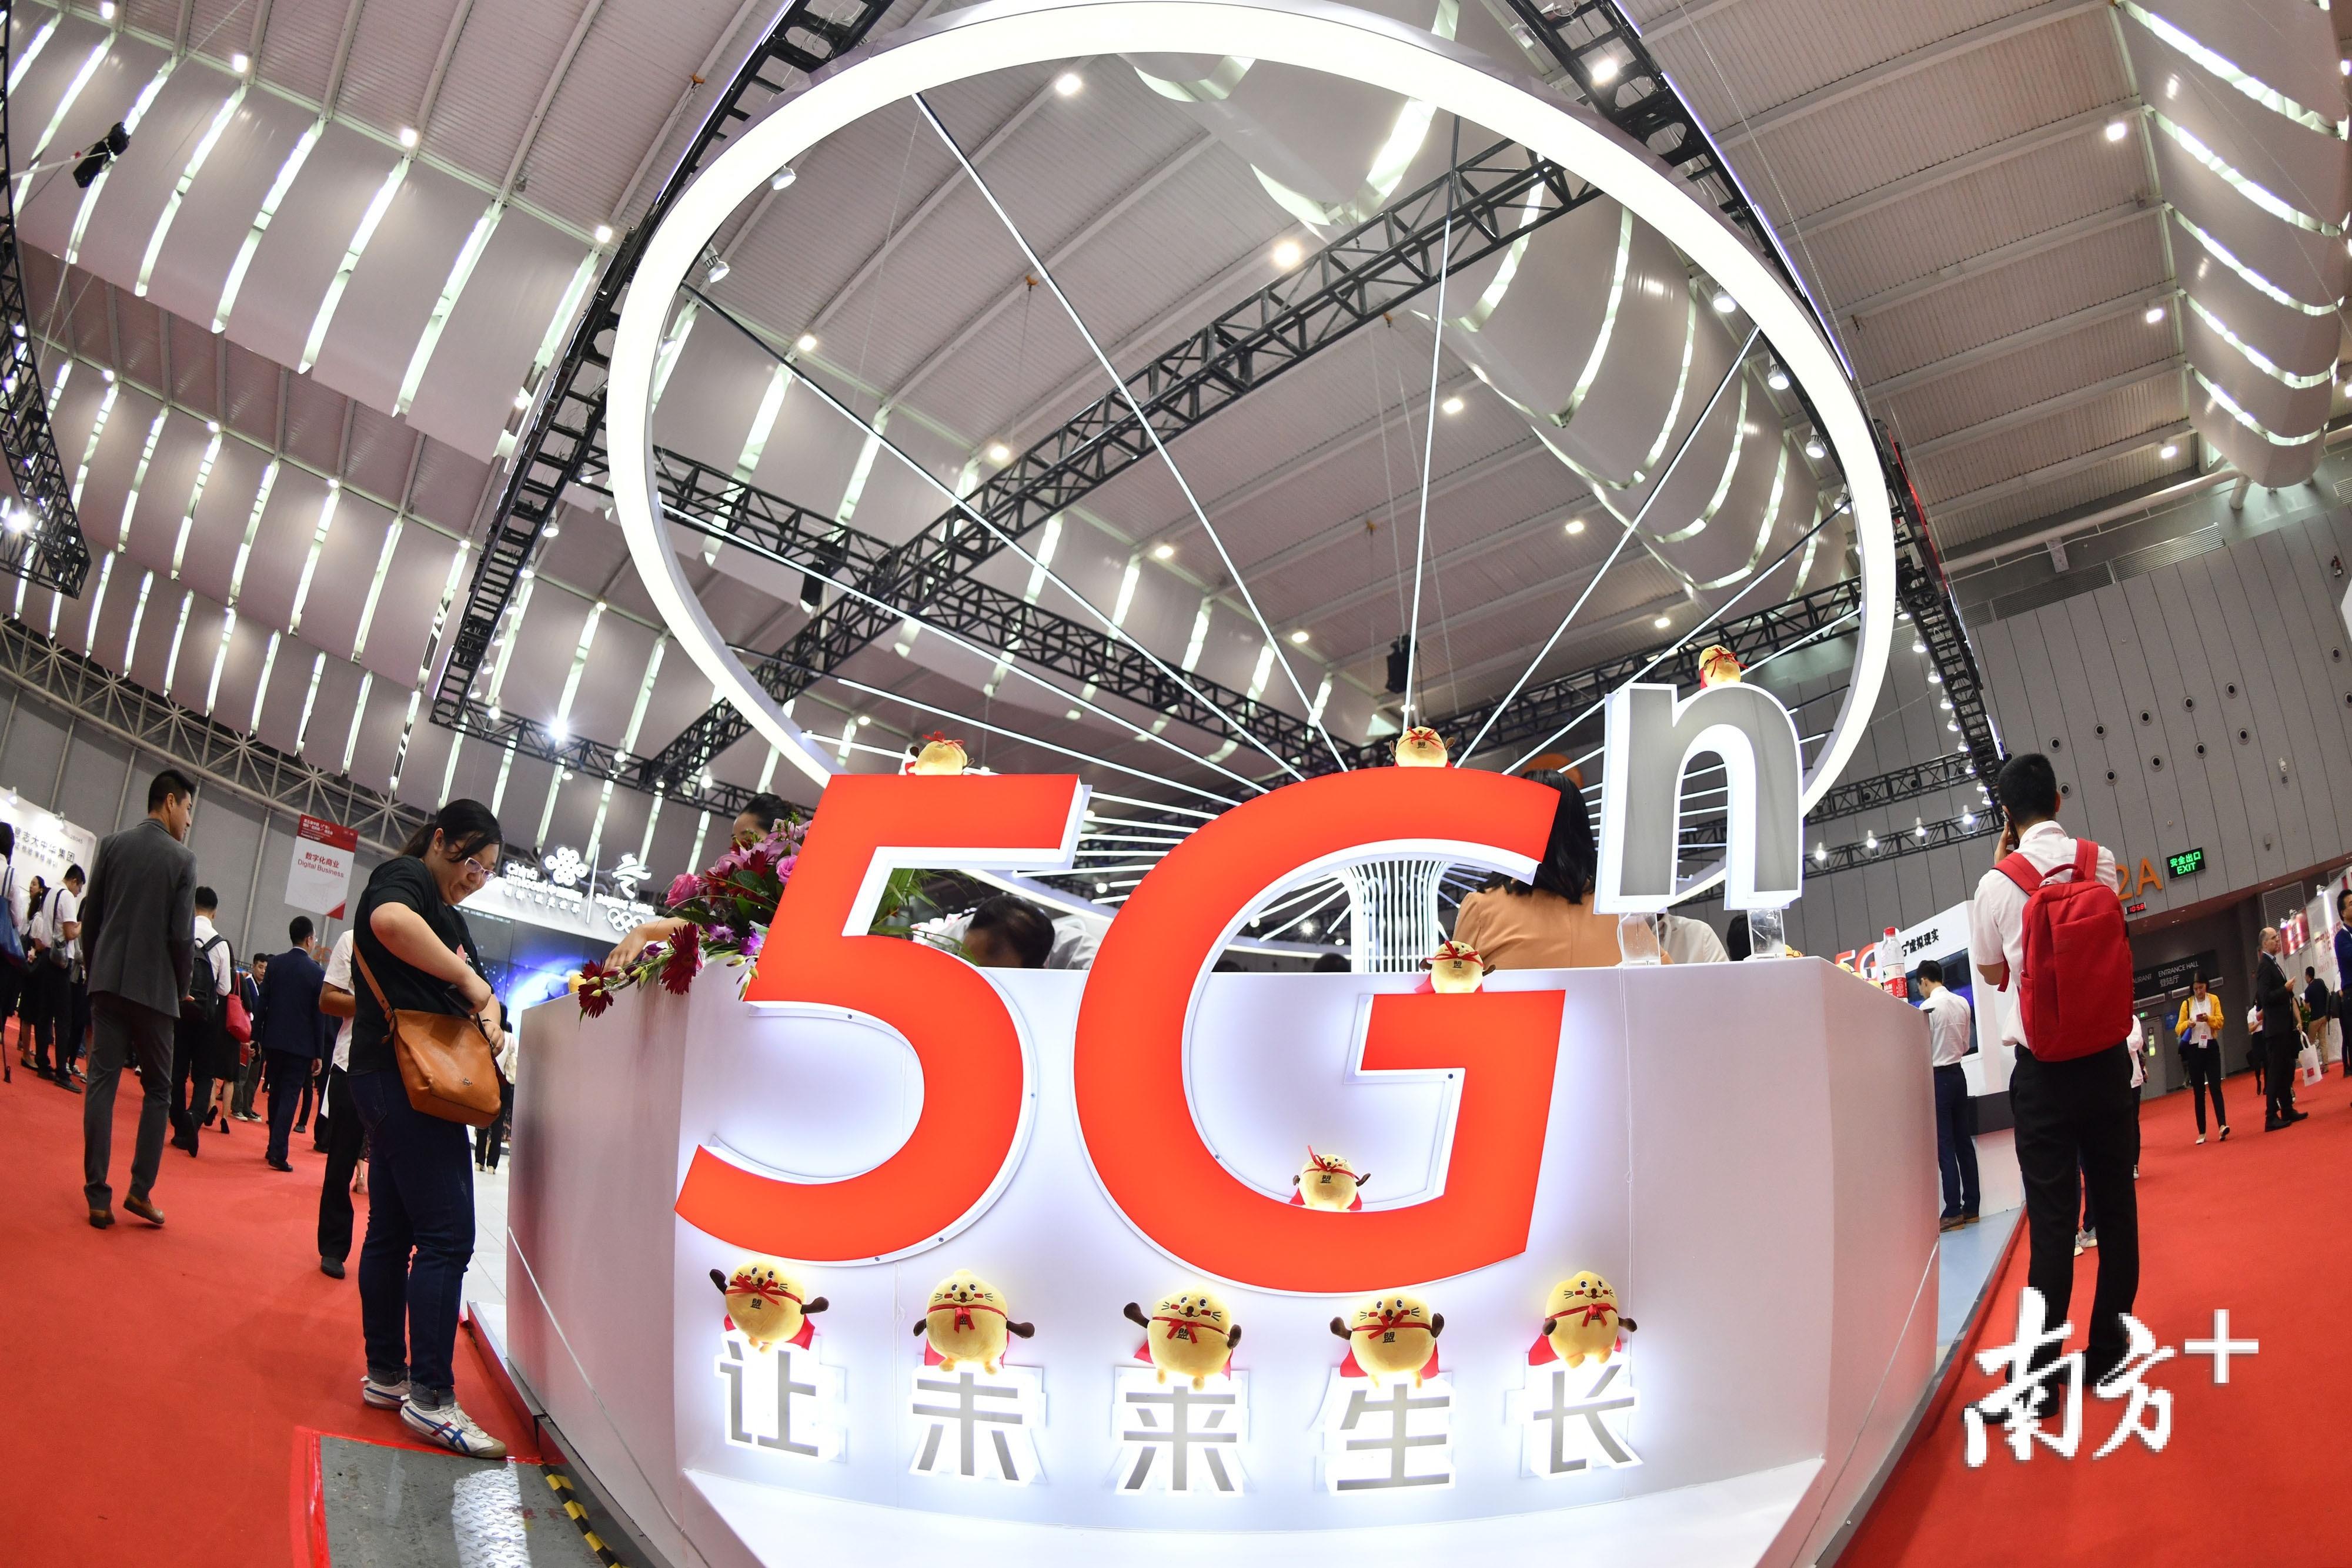 5G产业应用已经成为佛山各区争先发展的着力点。南方日报记者 戴嘉信 摄